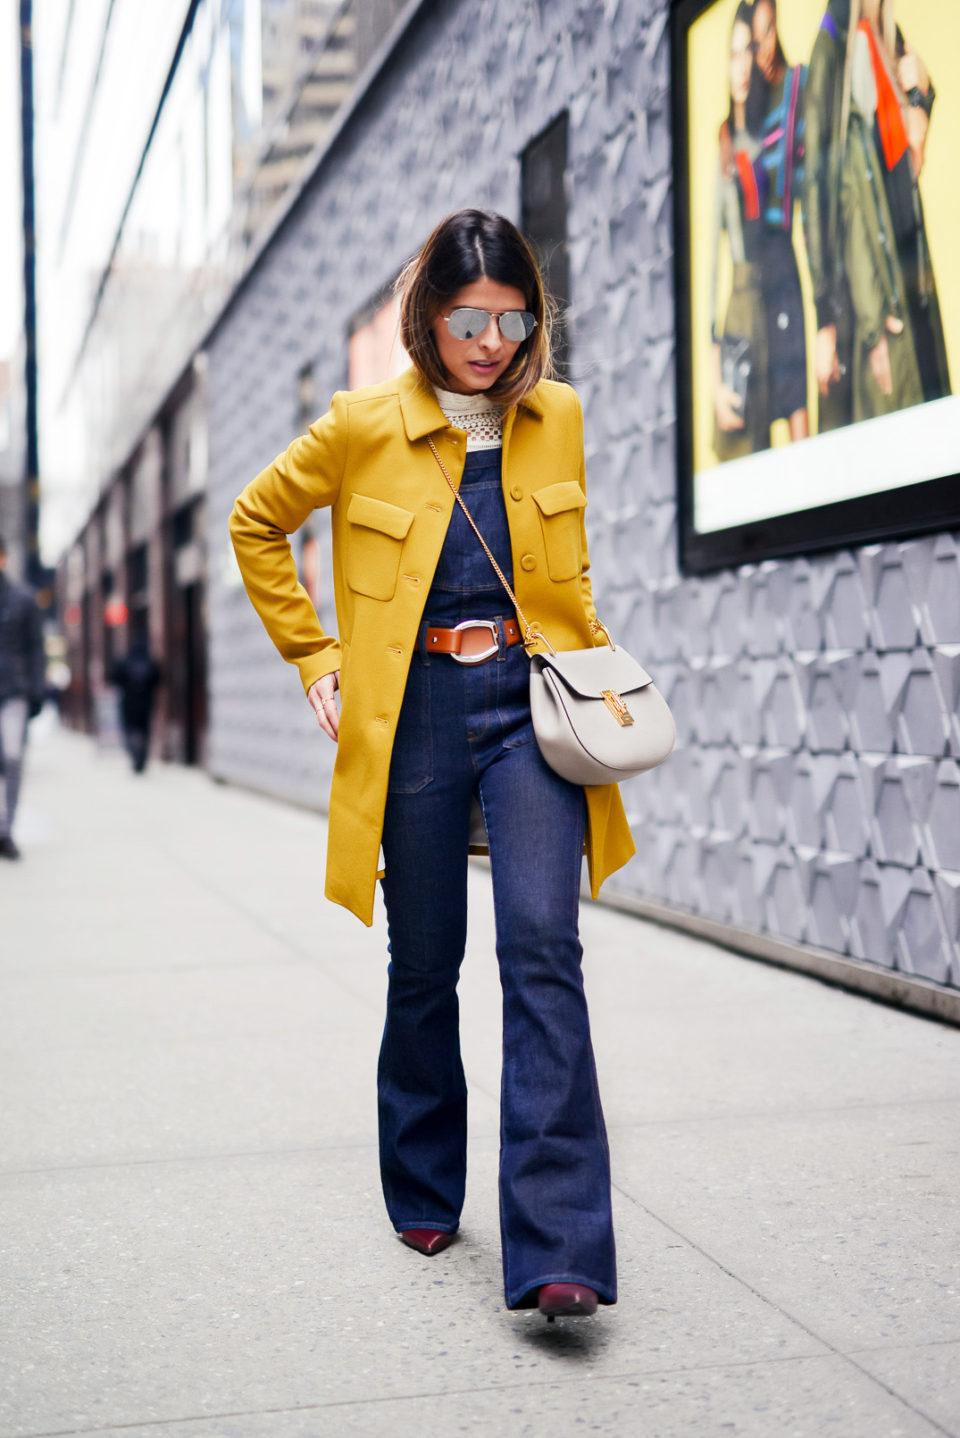 Желтый кожаный плащ. Осенние образы.